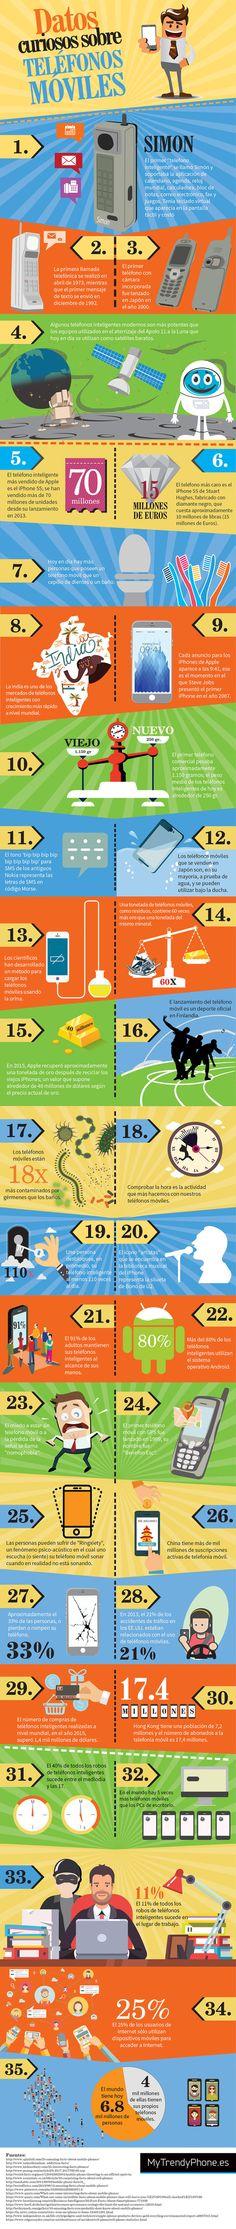 Datos curiosos sobre teléfonos móviles. Infografía en español. #CommunityManager